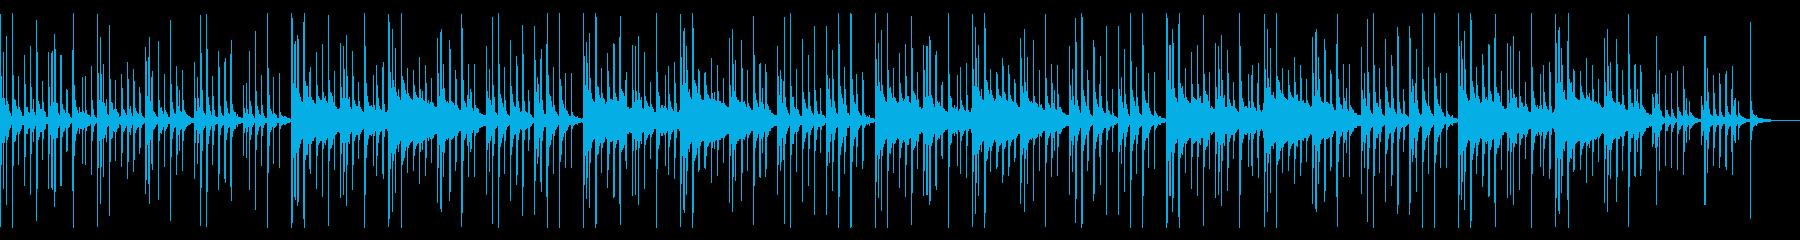 グロッケン(鉄琴)抜きの再生済みの波形